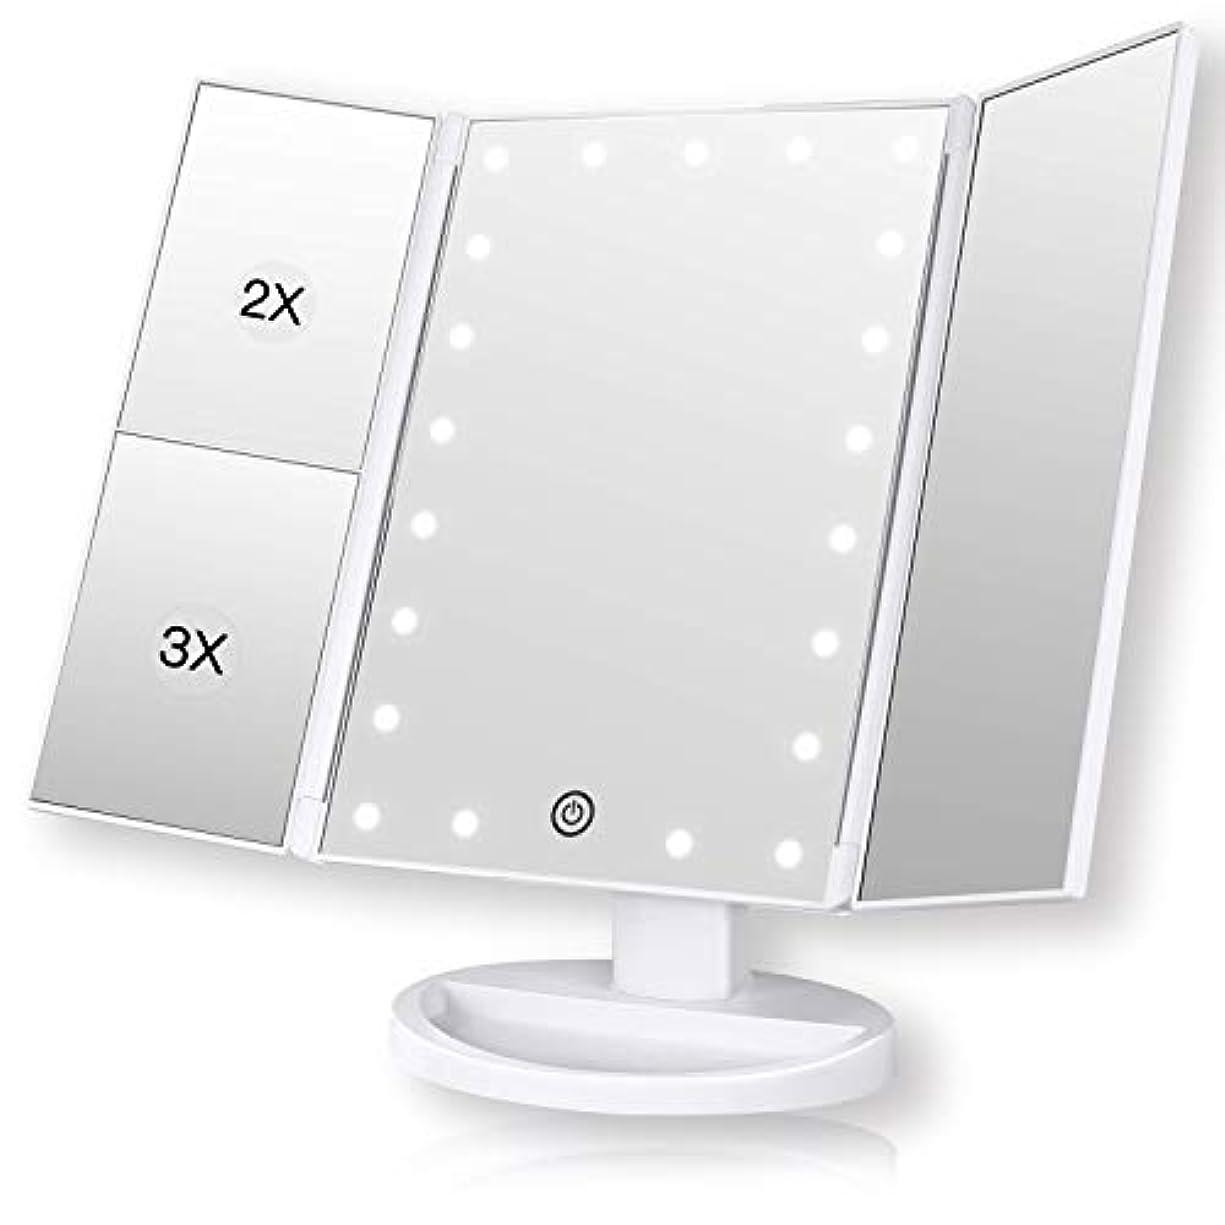 無知検索思いつくROZZERMAN 化粧鏡 卓上ミラー 三面鏡 ledライト 女優ミラー 折りたたみ 持ち運び 拡大鏡 2倍 3倍 角度調整